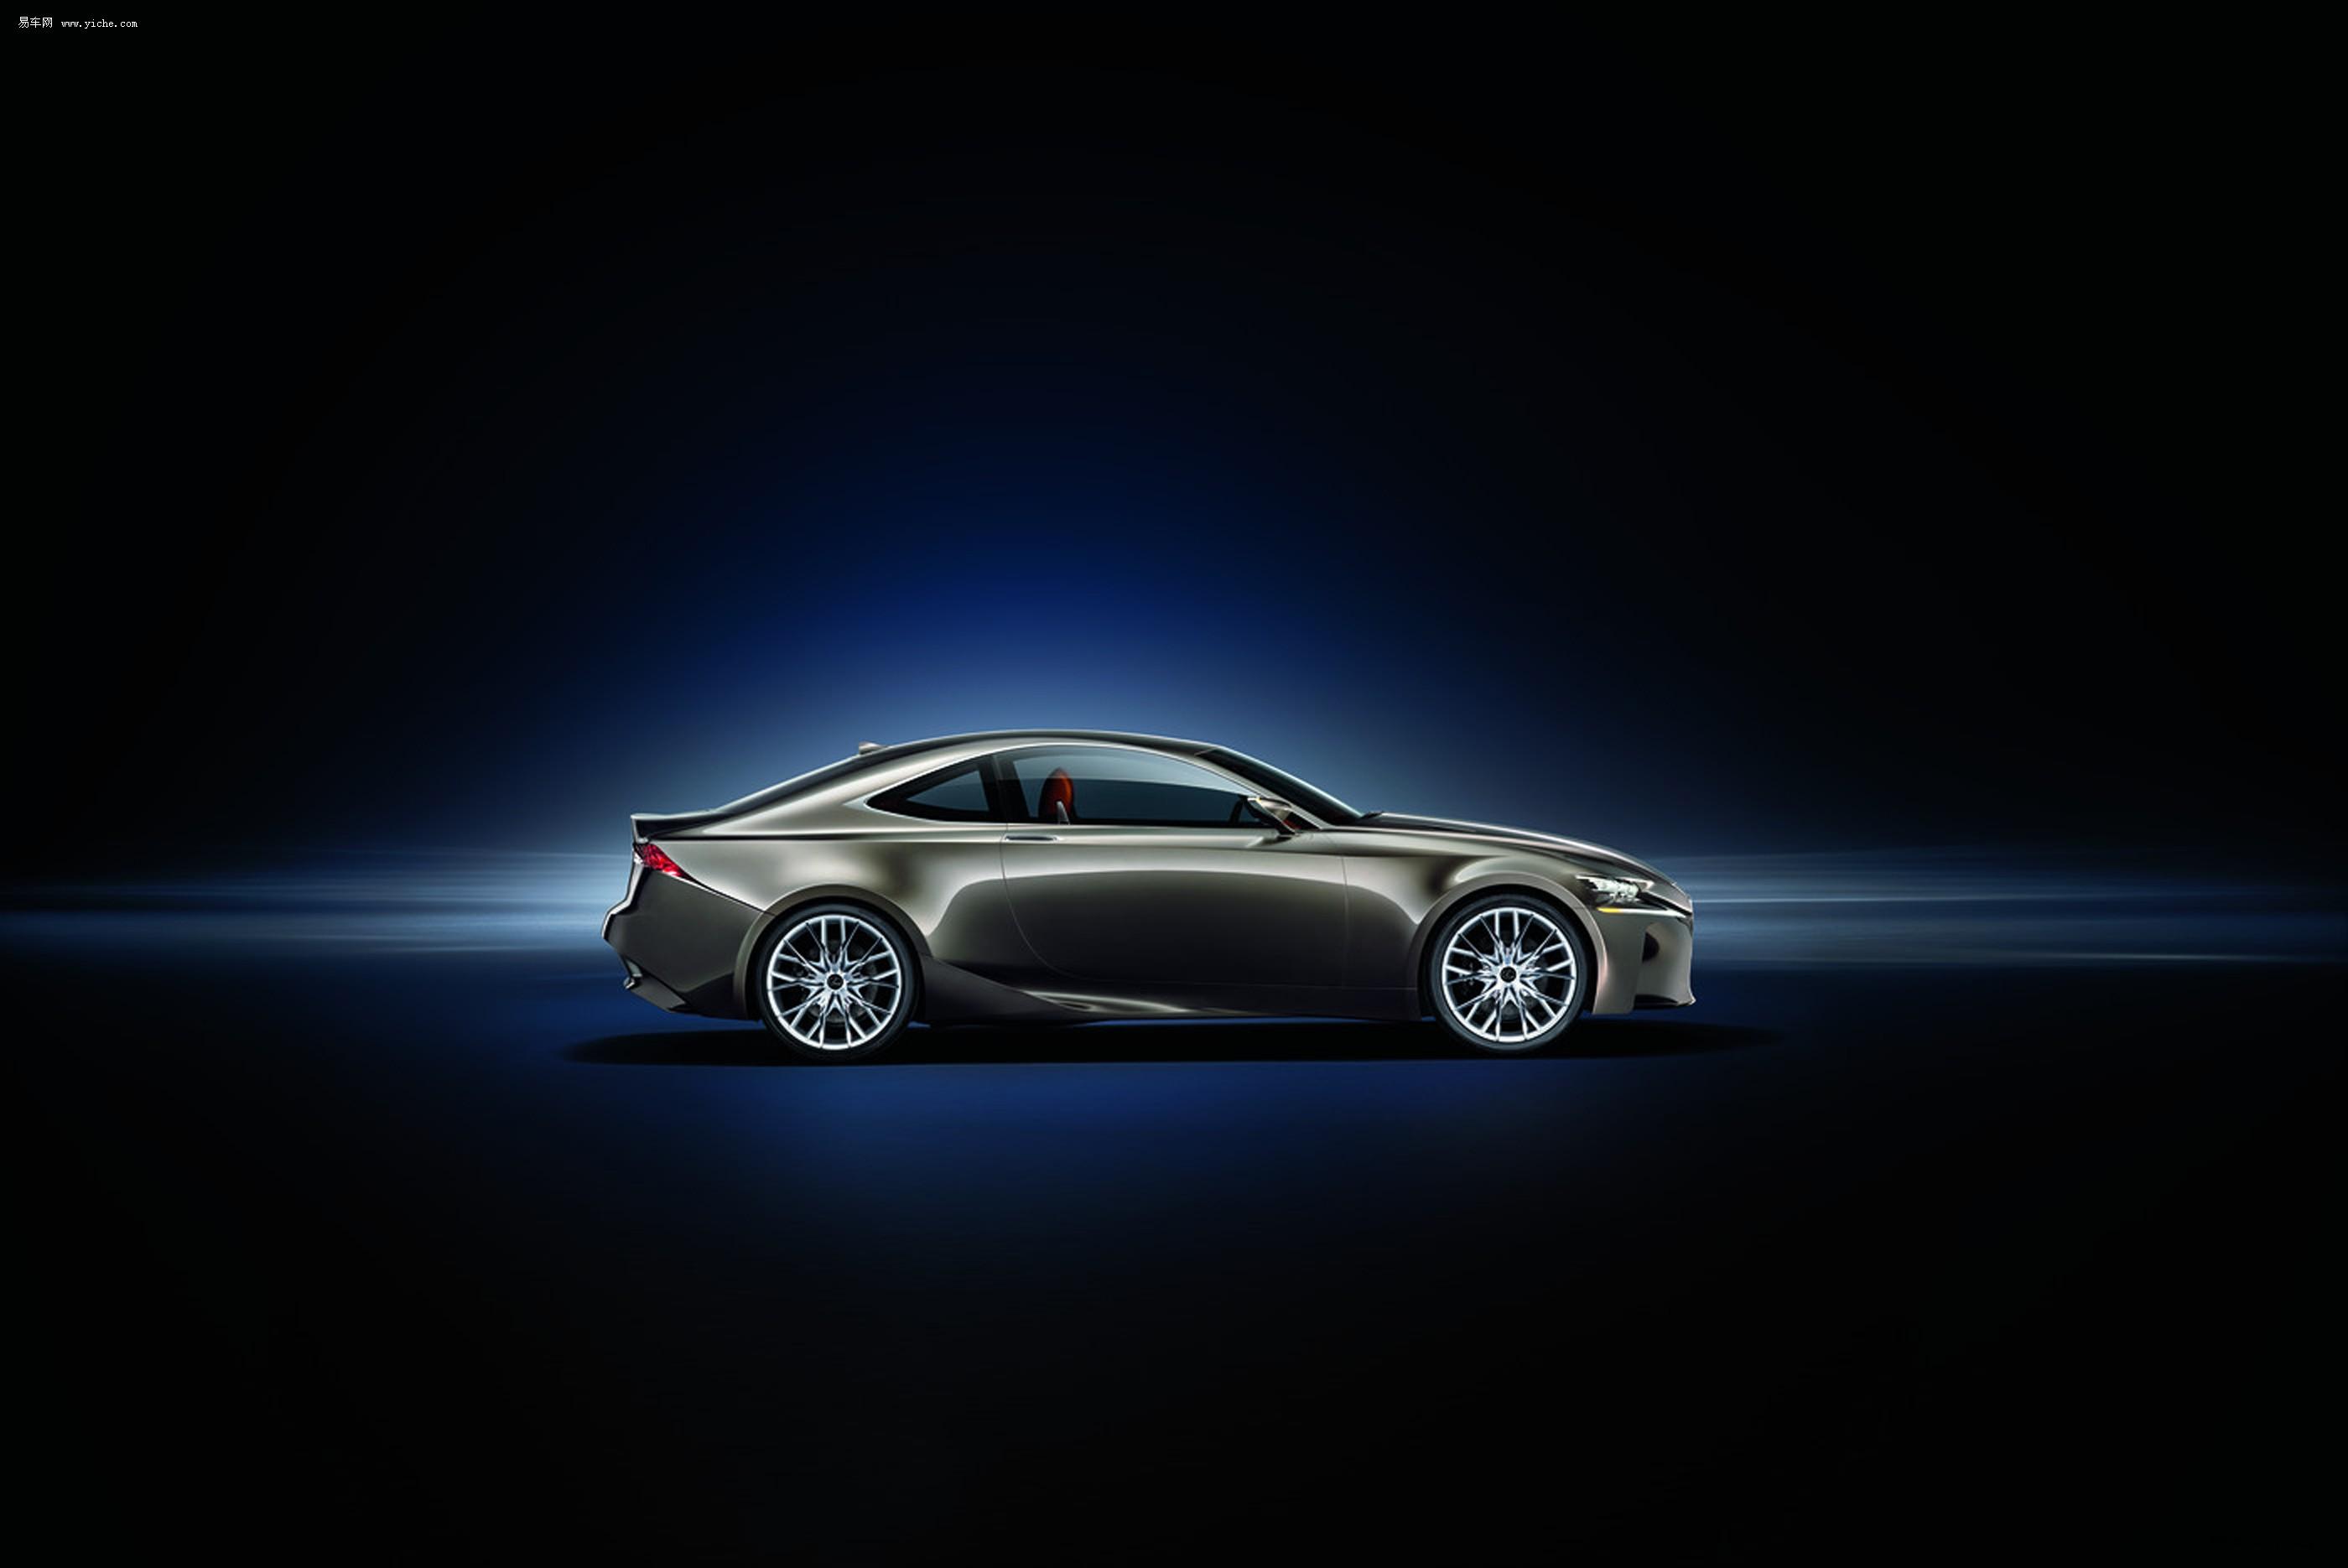 雷克萨斯lf cc概念车车顶轮廓线一体成型,极具流线感 高清图片